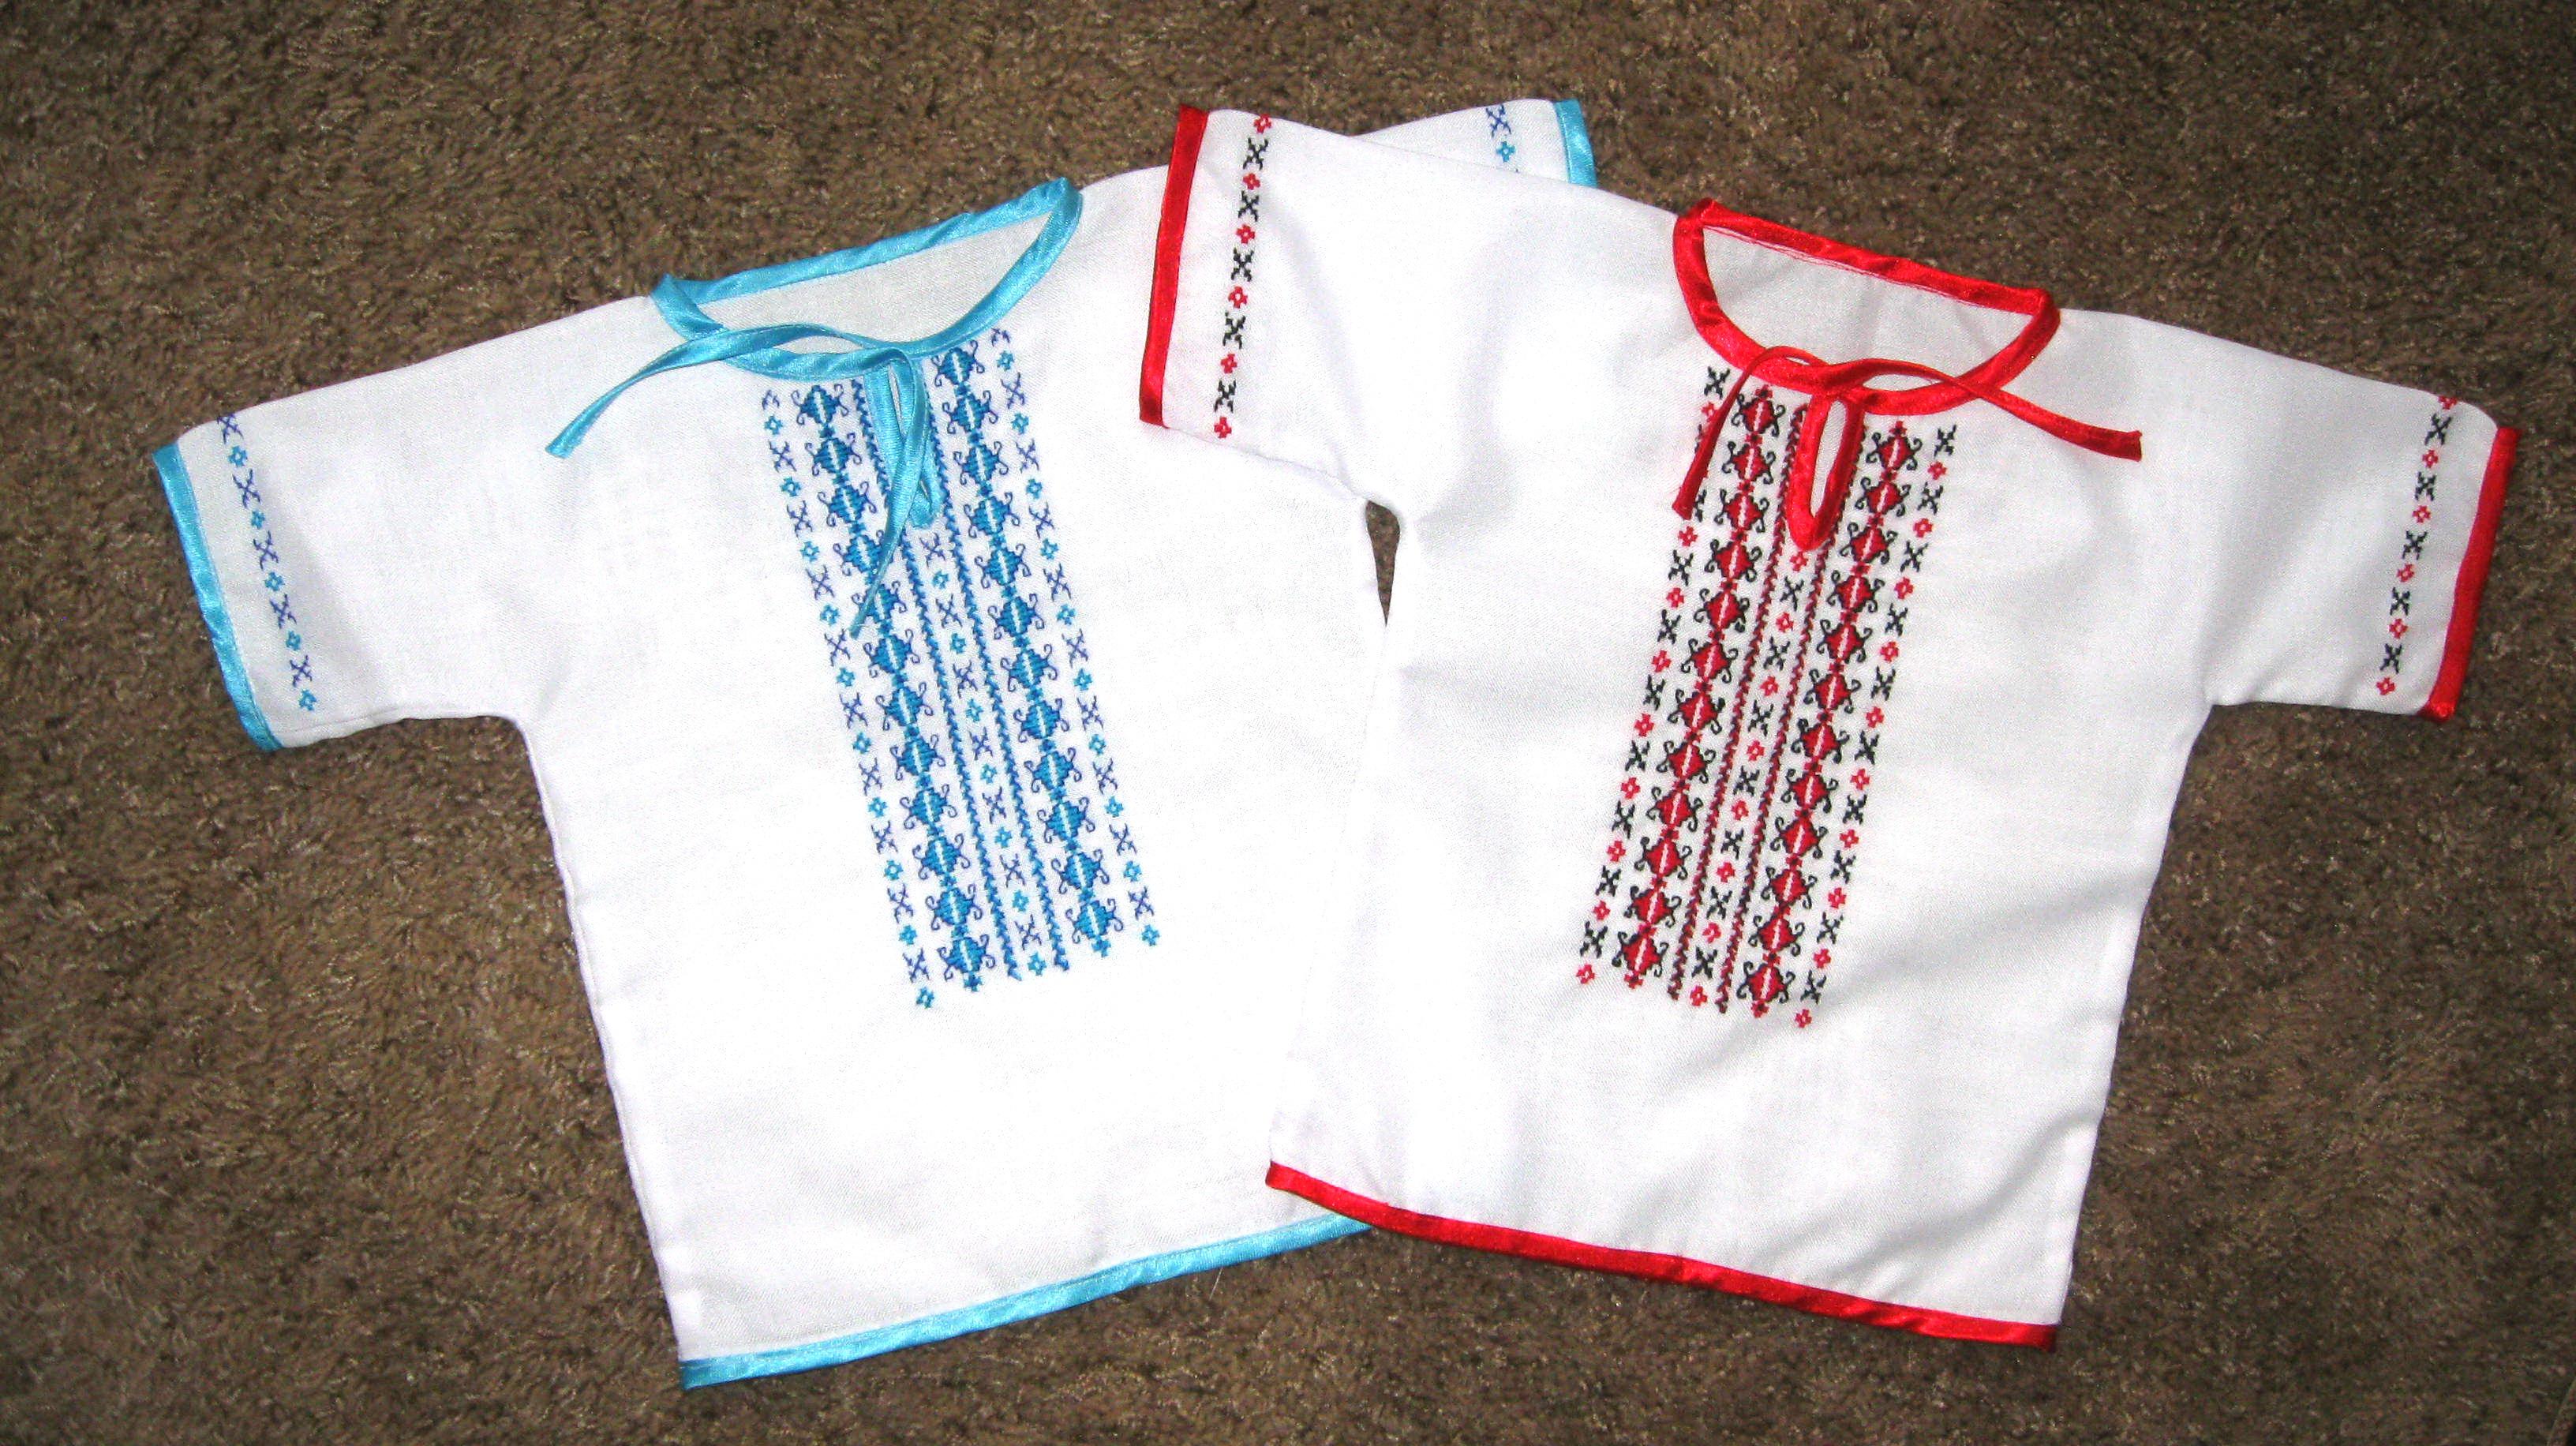 Украинская вышиванка своими руками. Фото, видео, схемы и узоры 29